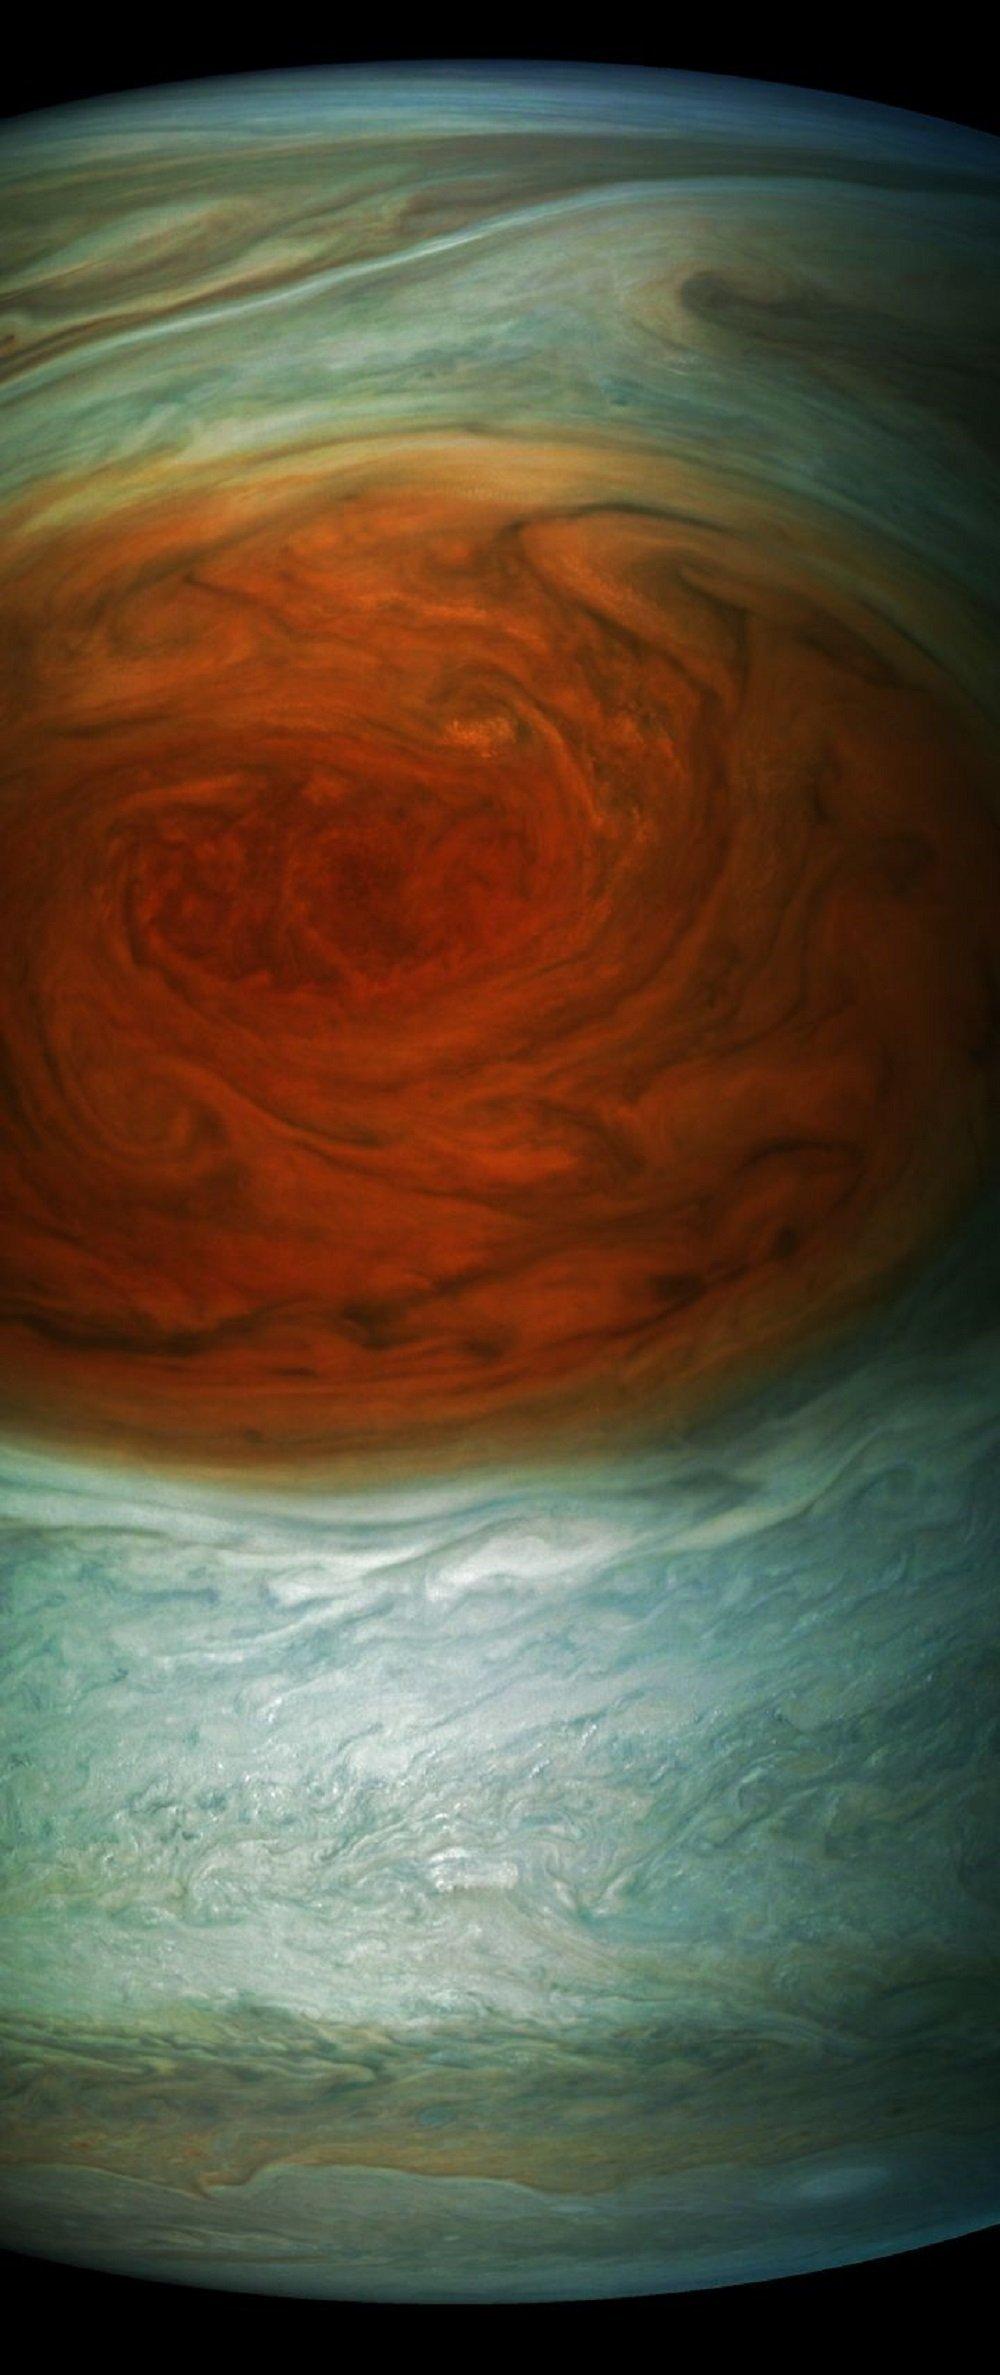 Космический аппарат Juno во время близкого подлета к Юпитеру сделал четкие фотографии планеты